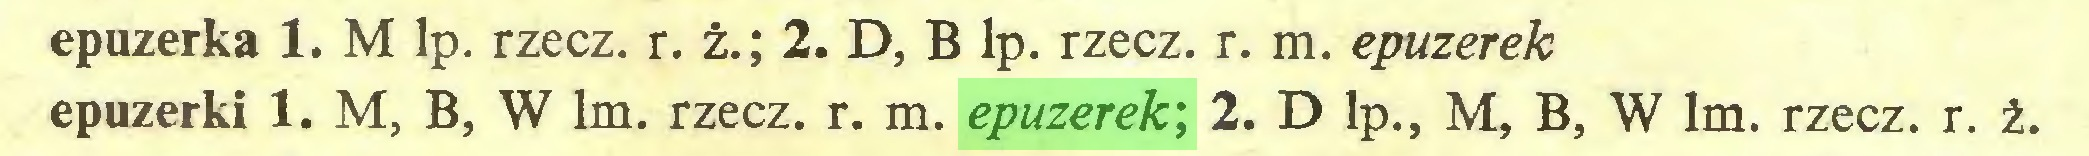 (...) epuzerka 1. M lp. rzecz. r. ż.; 2. D, B lp. rzecz. r. m. epuzerek epuzerki 1. M, B, W lm. rzecz. r. m. epuzerek', 2. D lp., M, B, W lm. rzecz. r. ż...